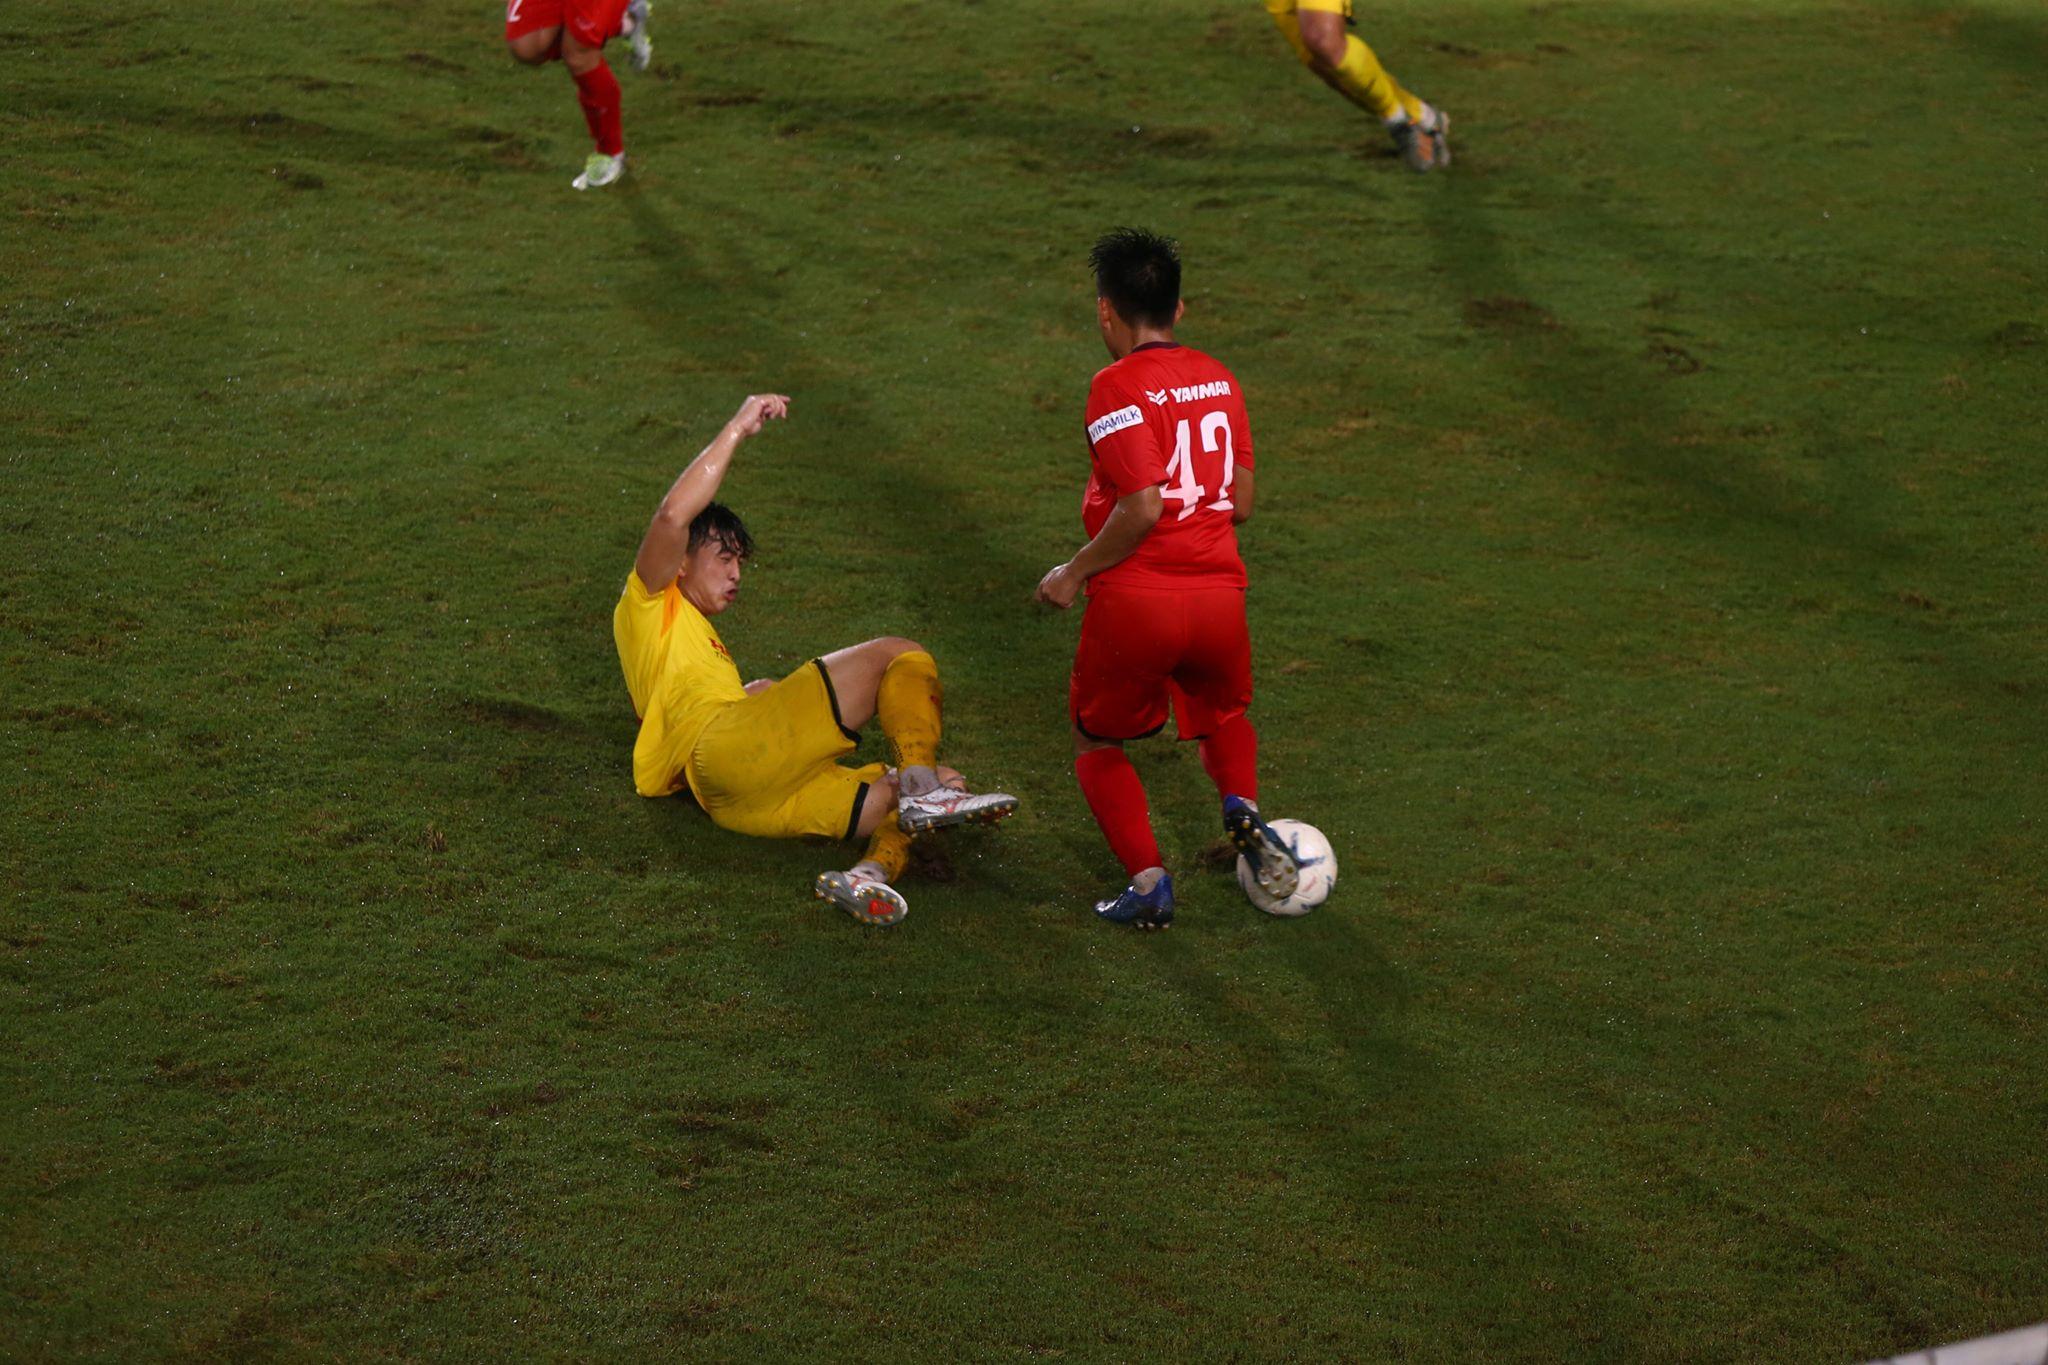 Đội 1 nhóm A (đỏ) có chiến thắng huỷ diệt 5-1 trước đội 1 nhóm B (vàng) - Ảnh: Phan Tùng